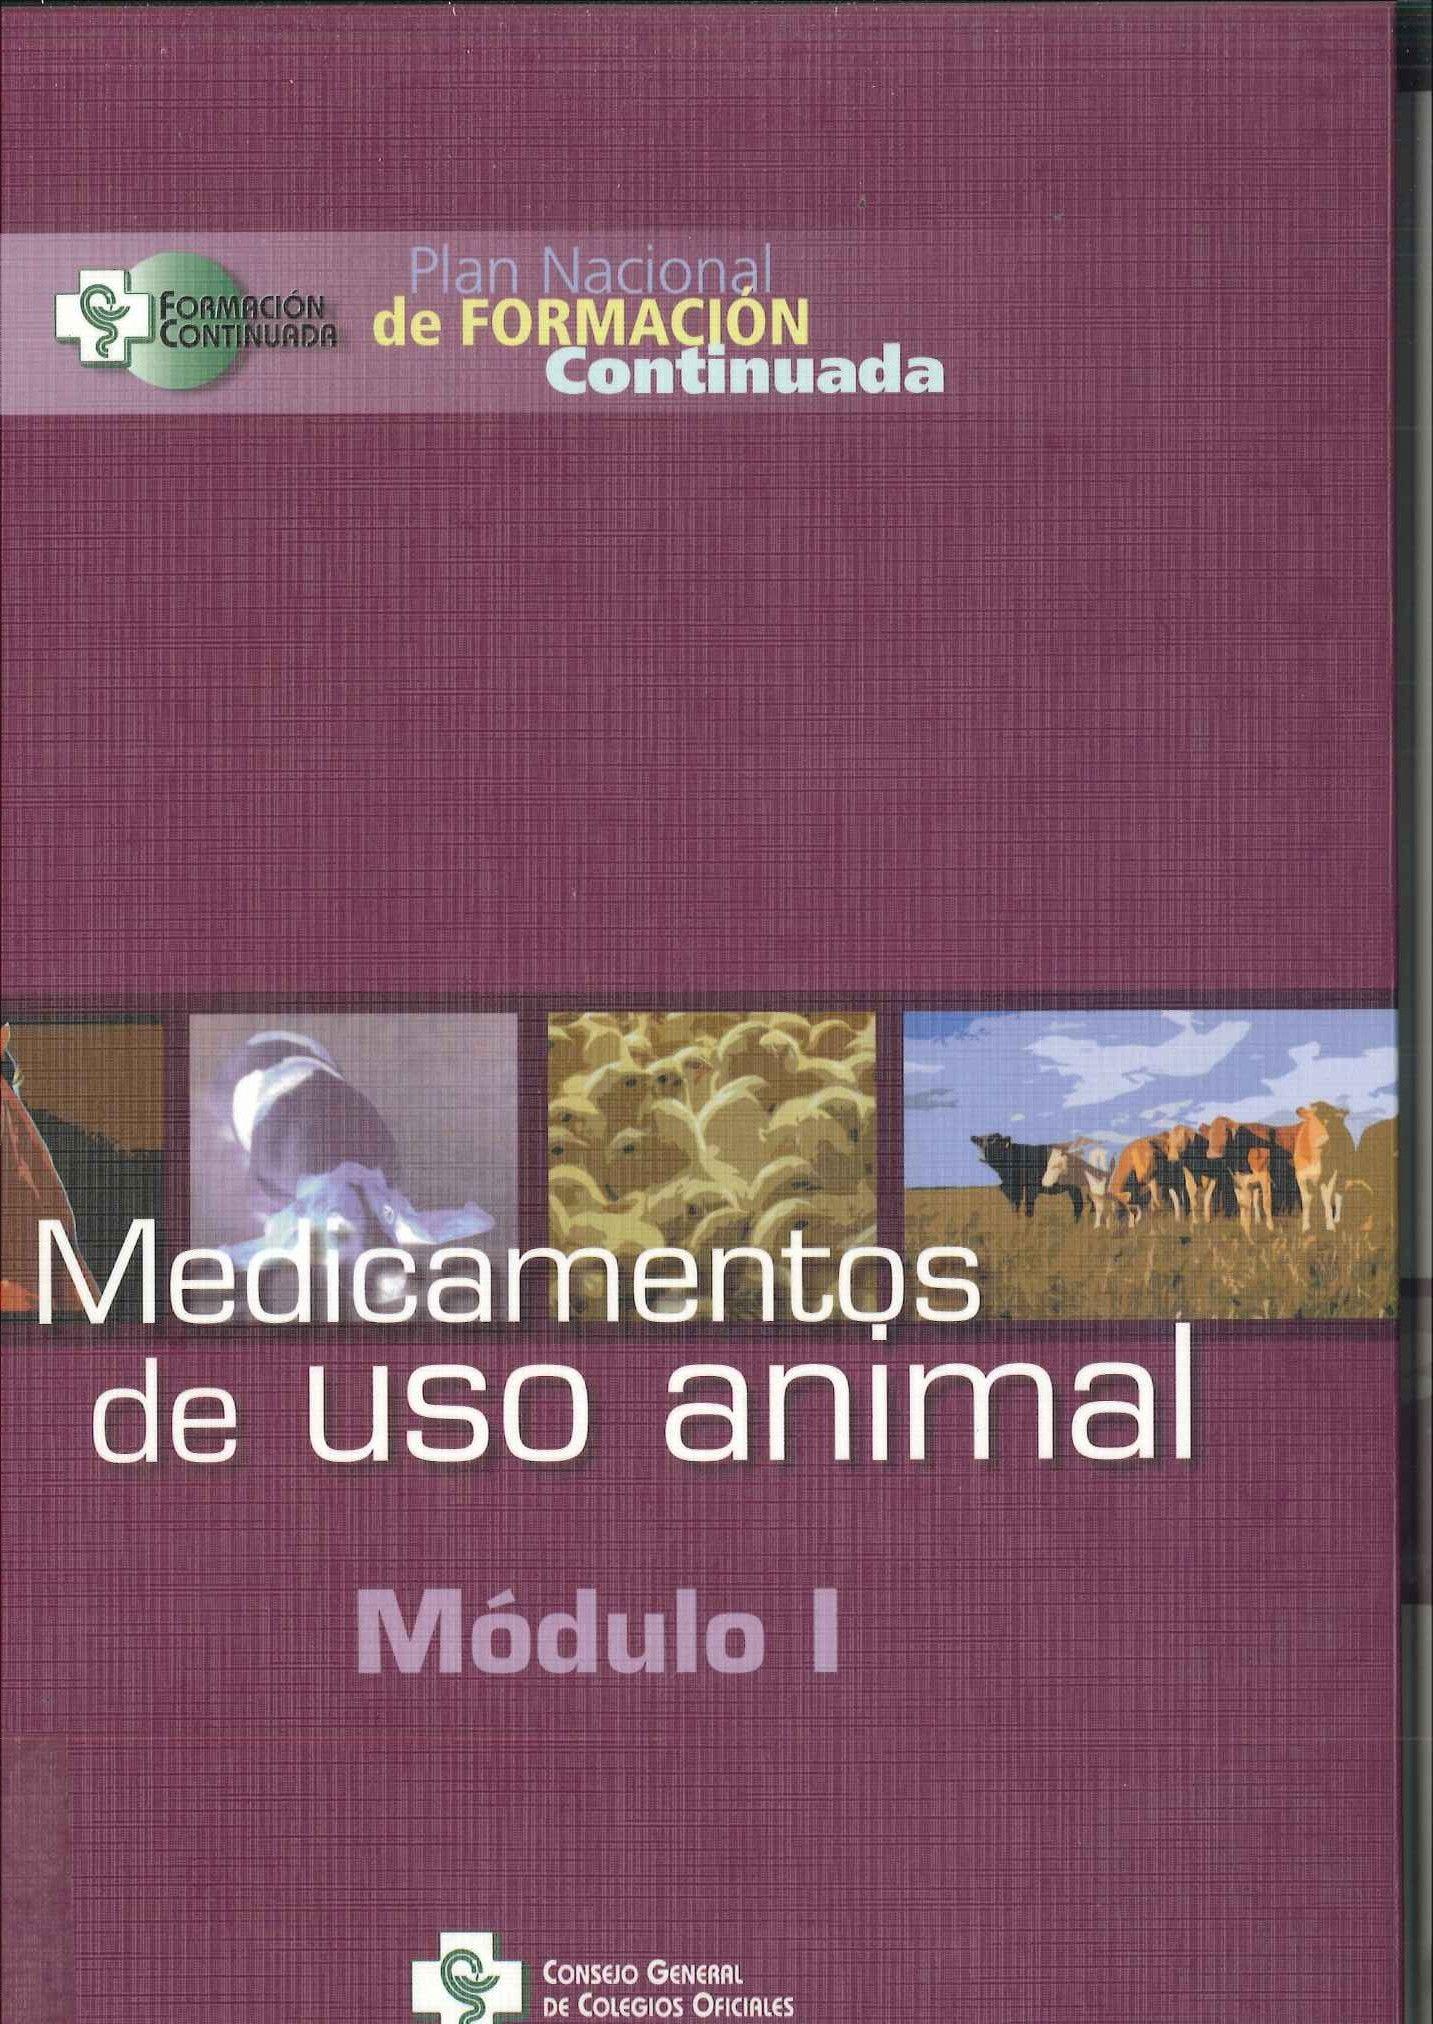 Medicamentos de uso animal. 2003